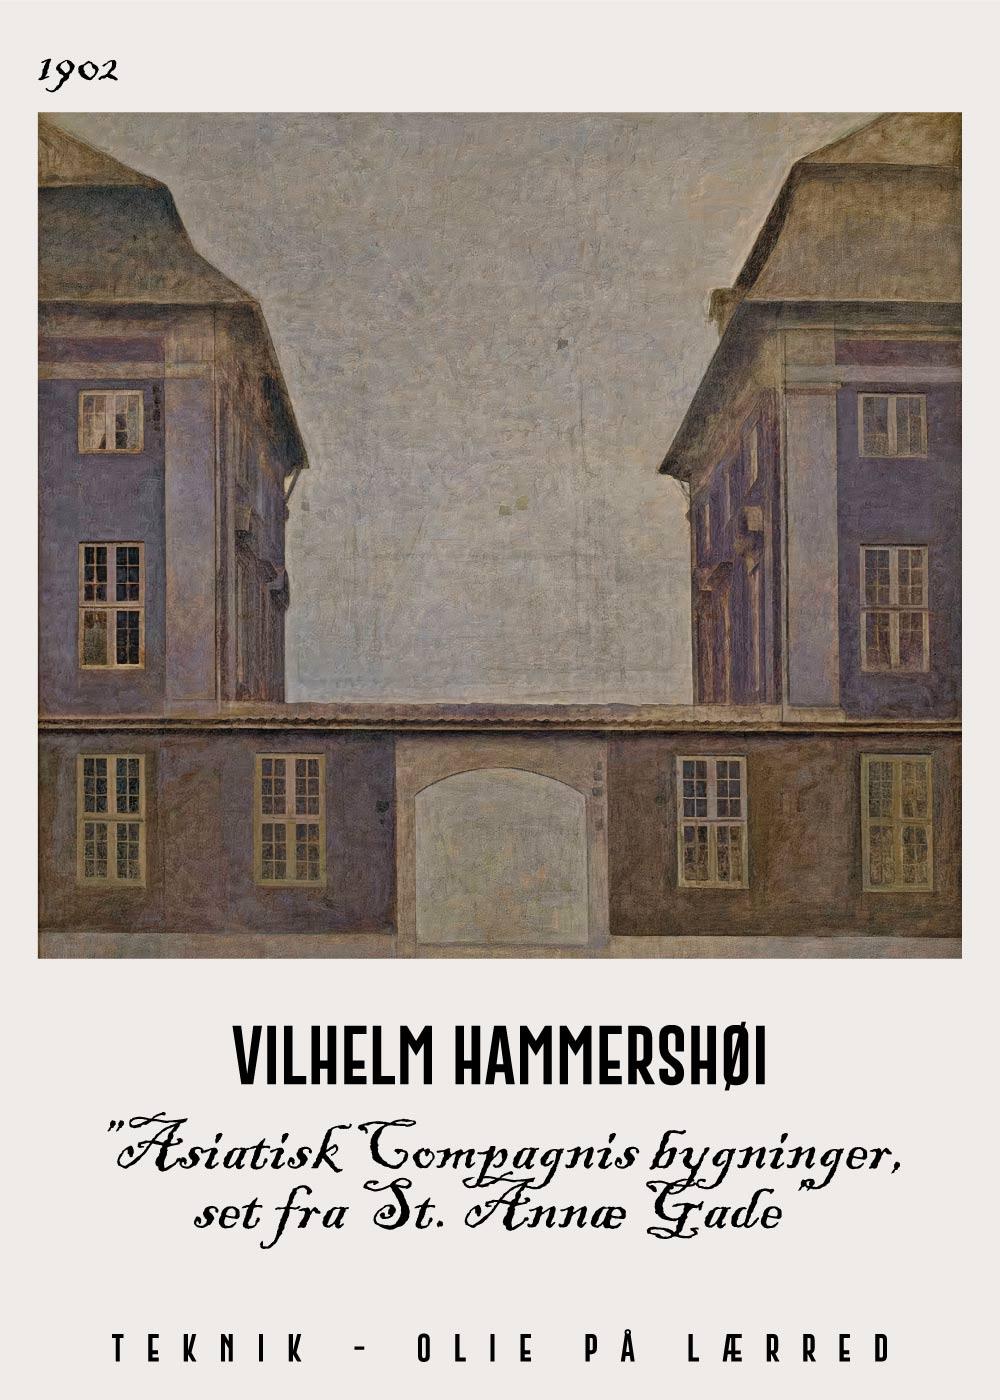 Billede af Asiatisk compagnis bygninger - Vilhelm Hammershøi Kunstplakat